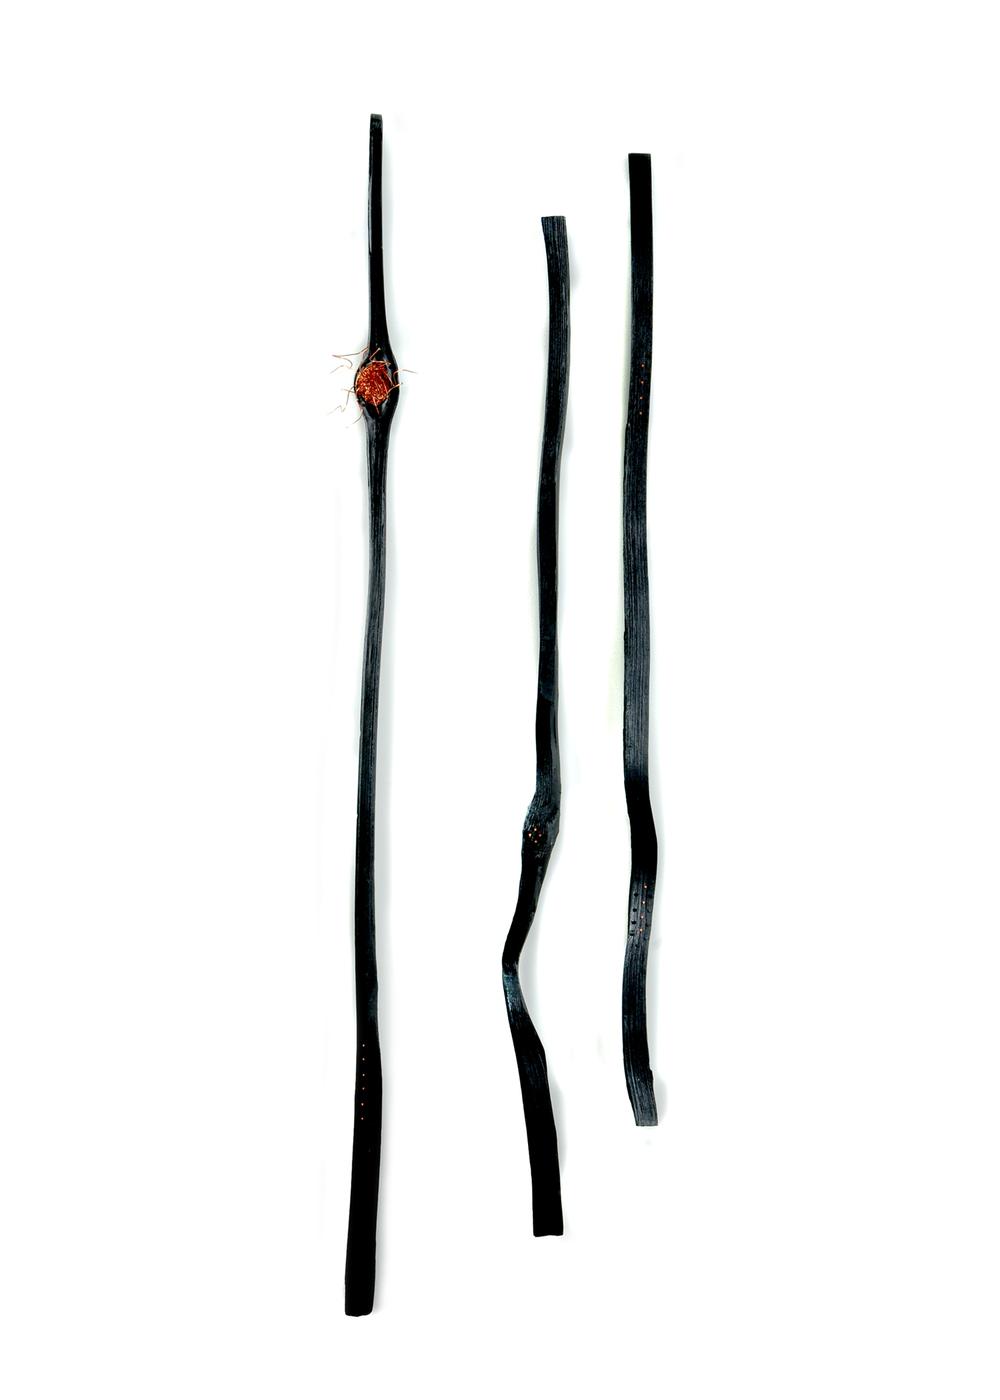 2 – 5 Sticks